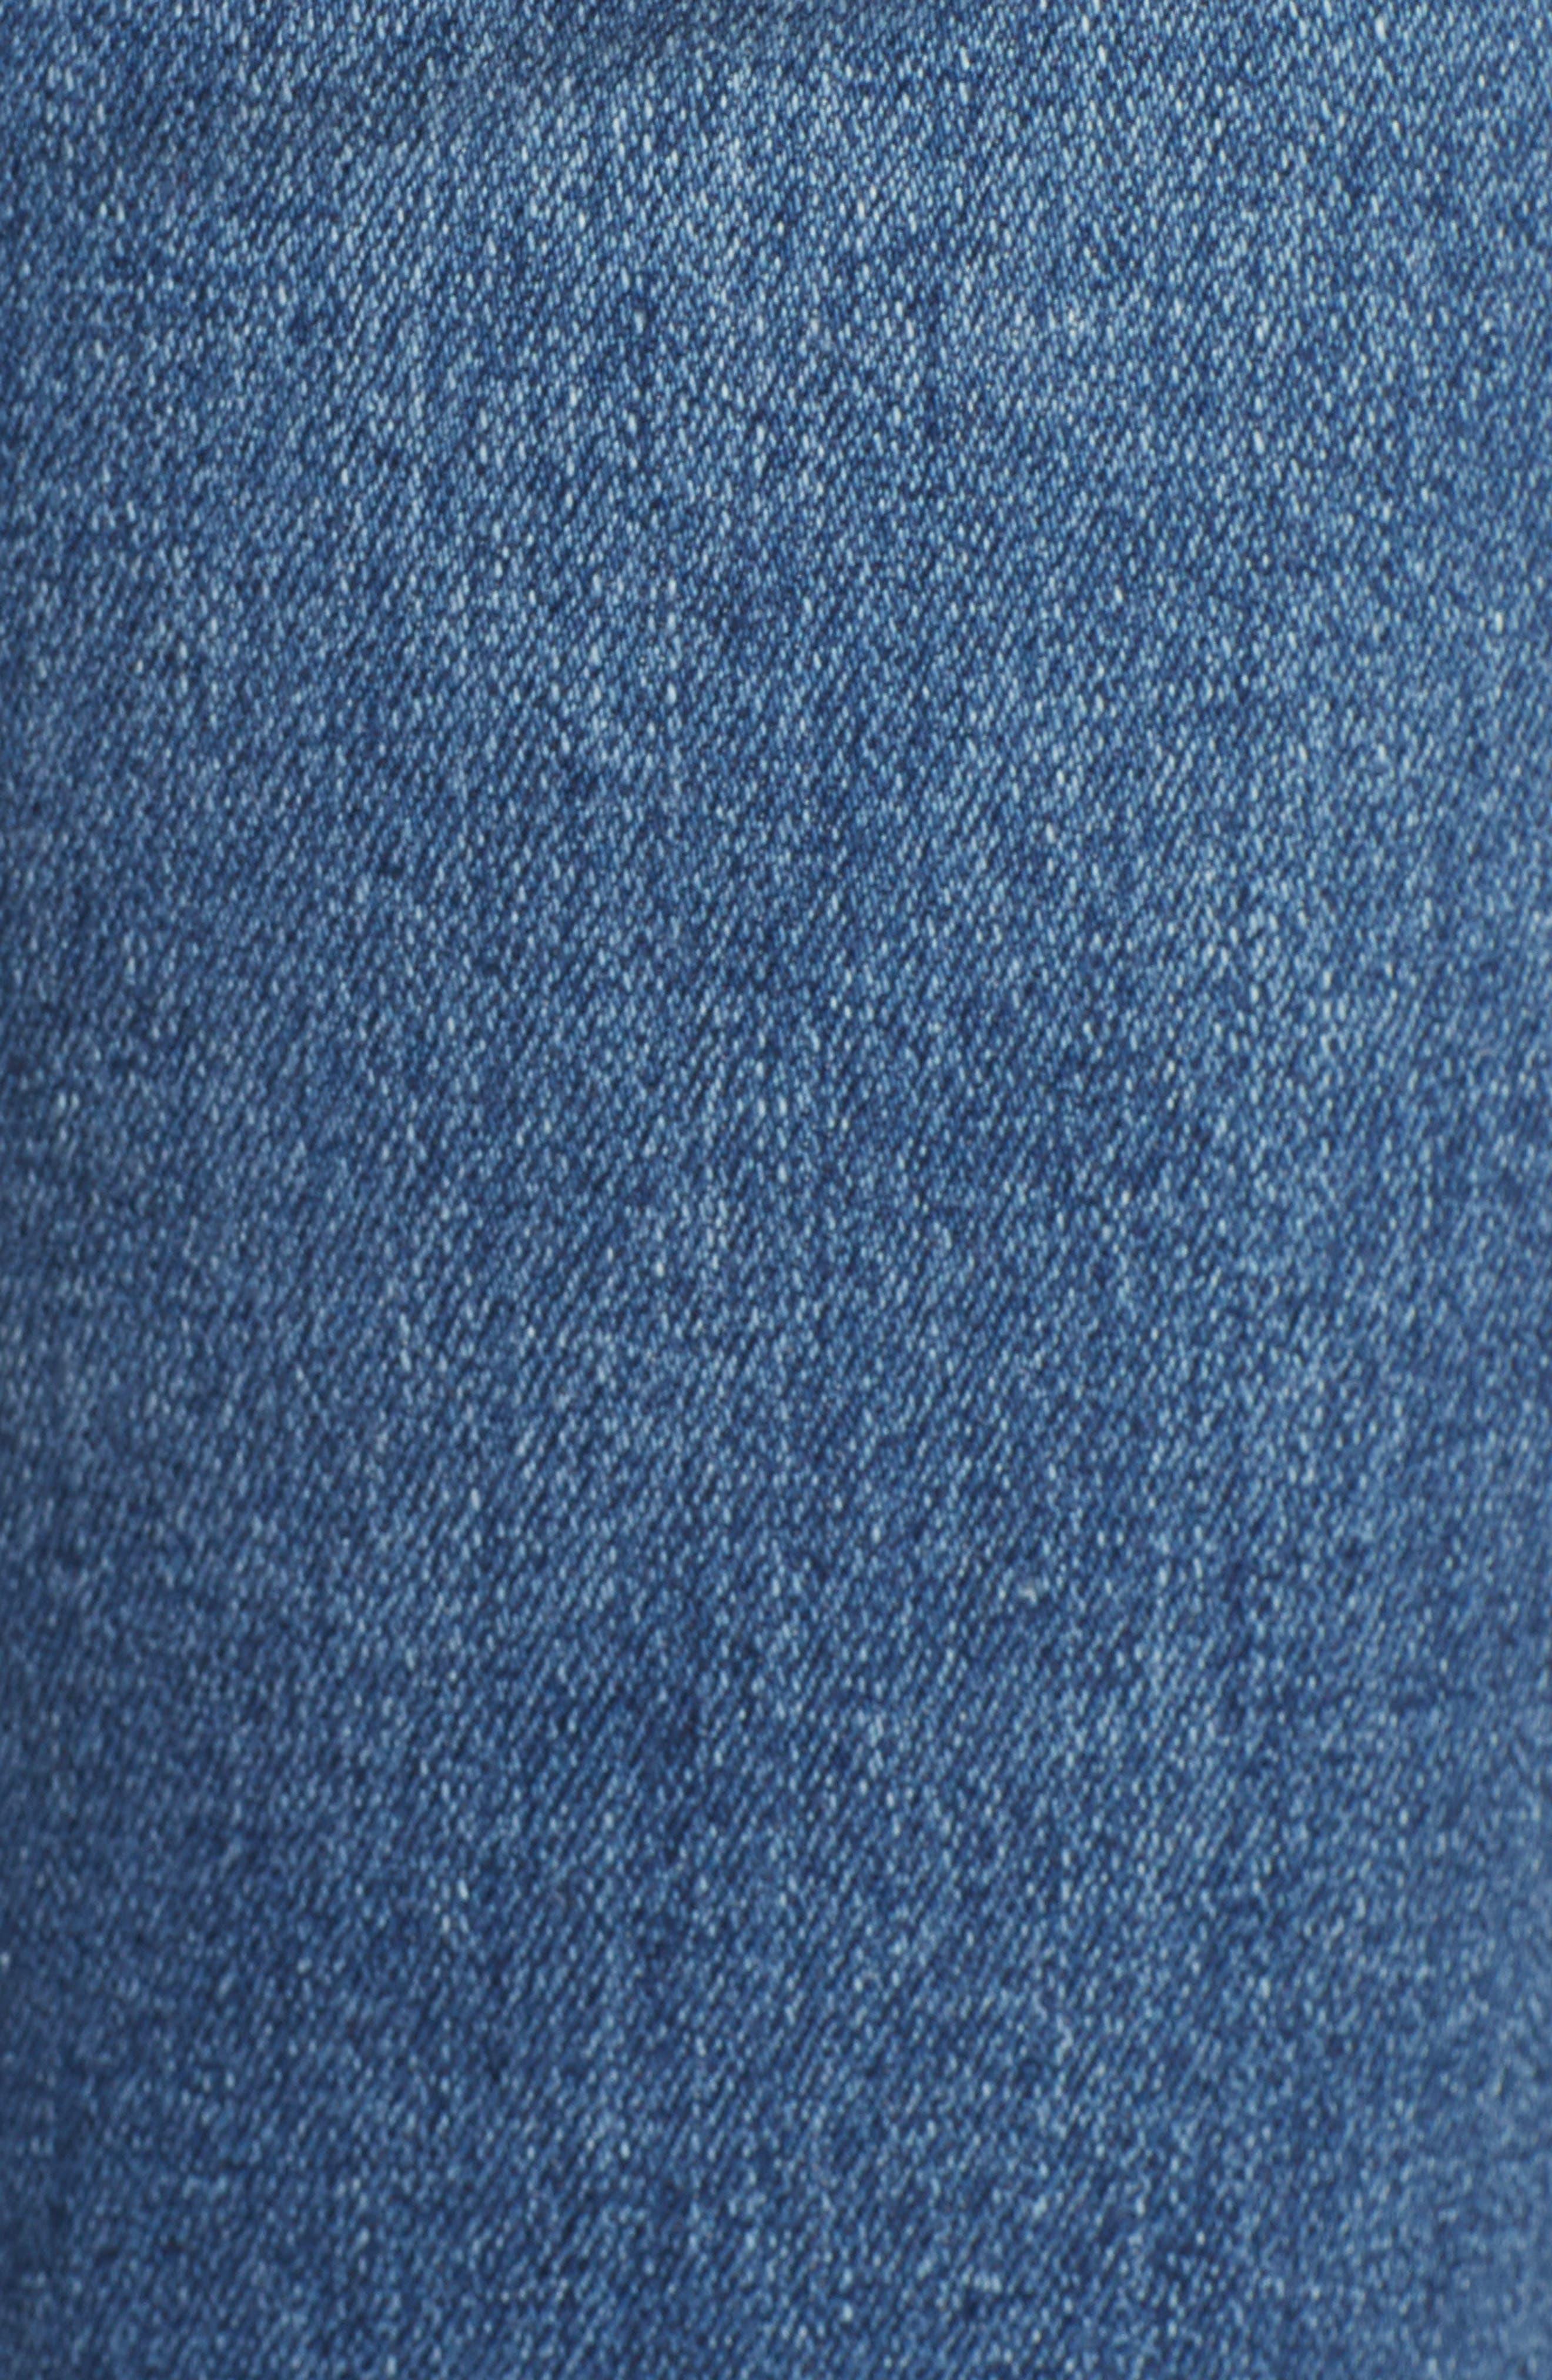 Jodi Crop Fringe Jeans,                             Alternate thumbnail 6, color,                             PASTORAL PLAINS